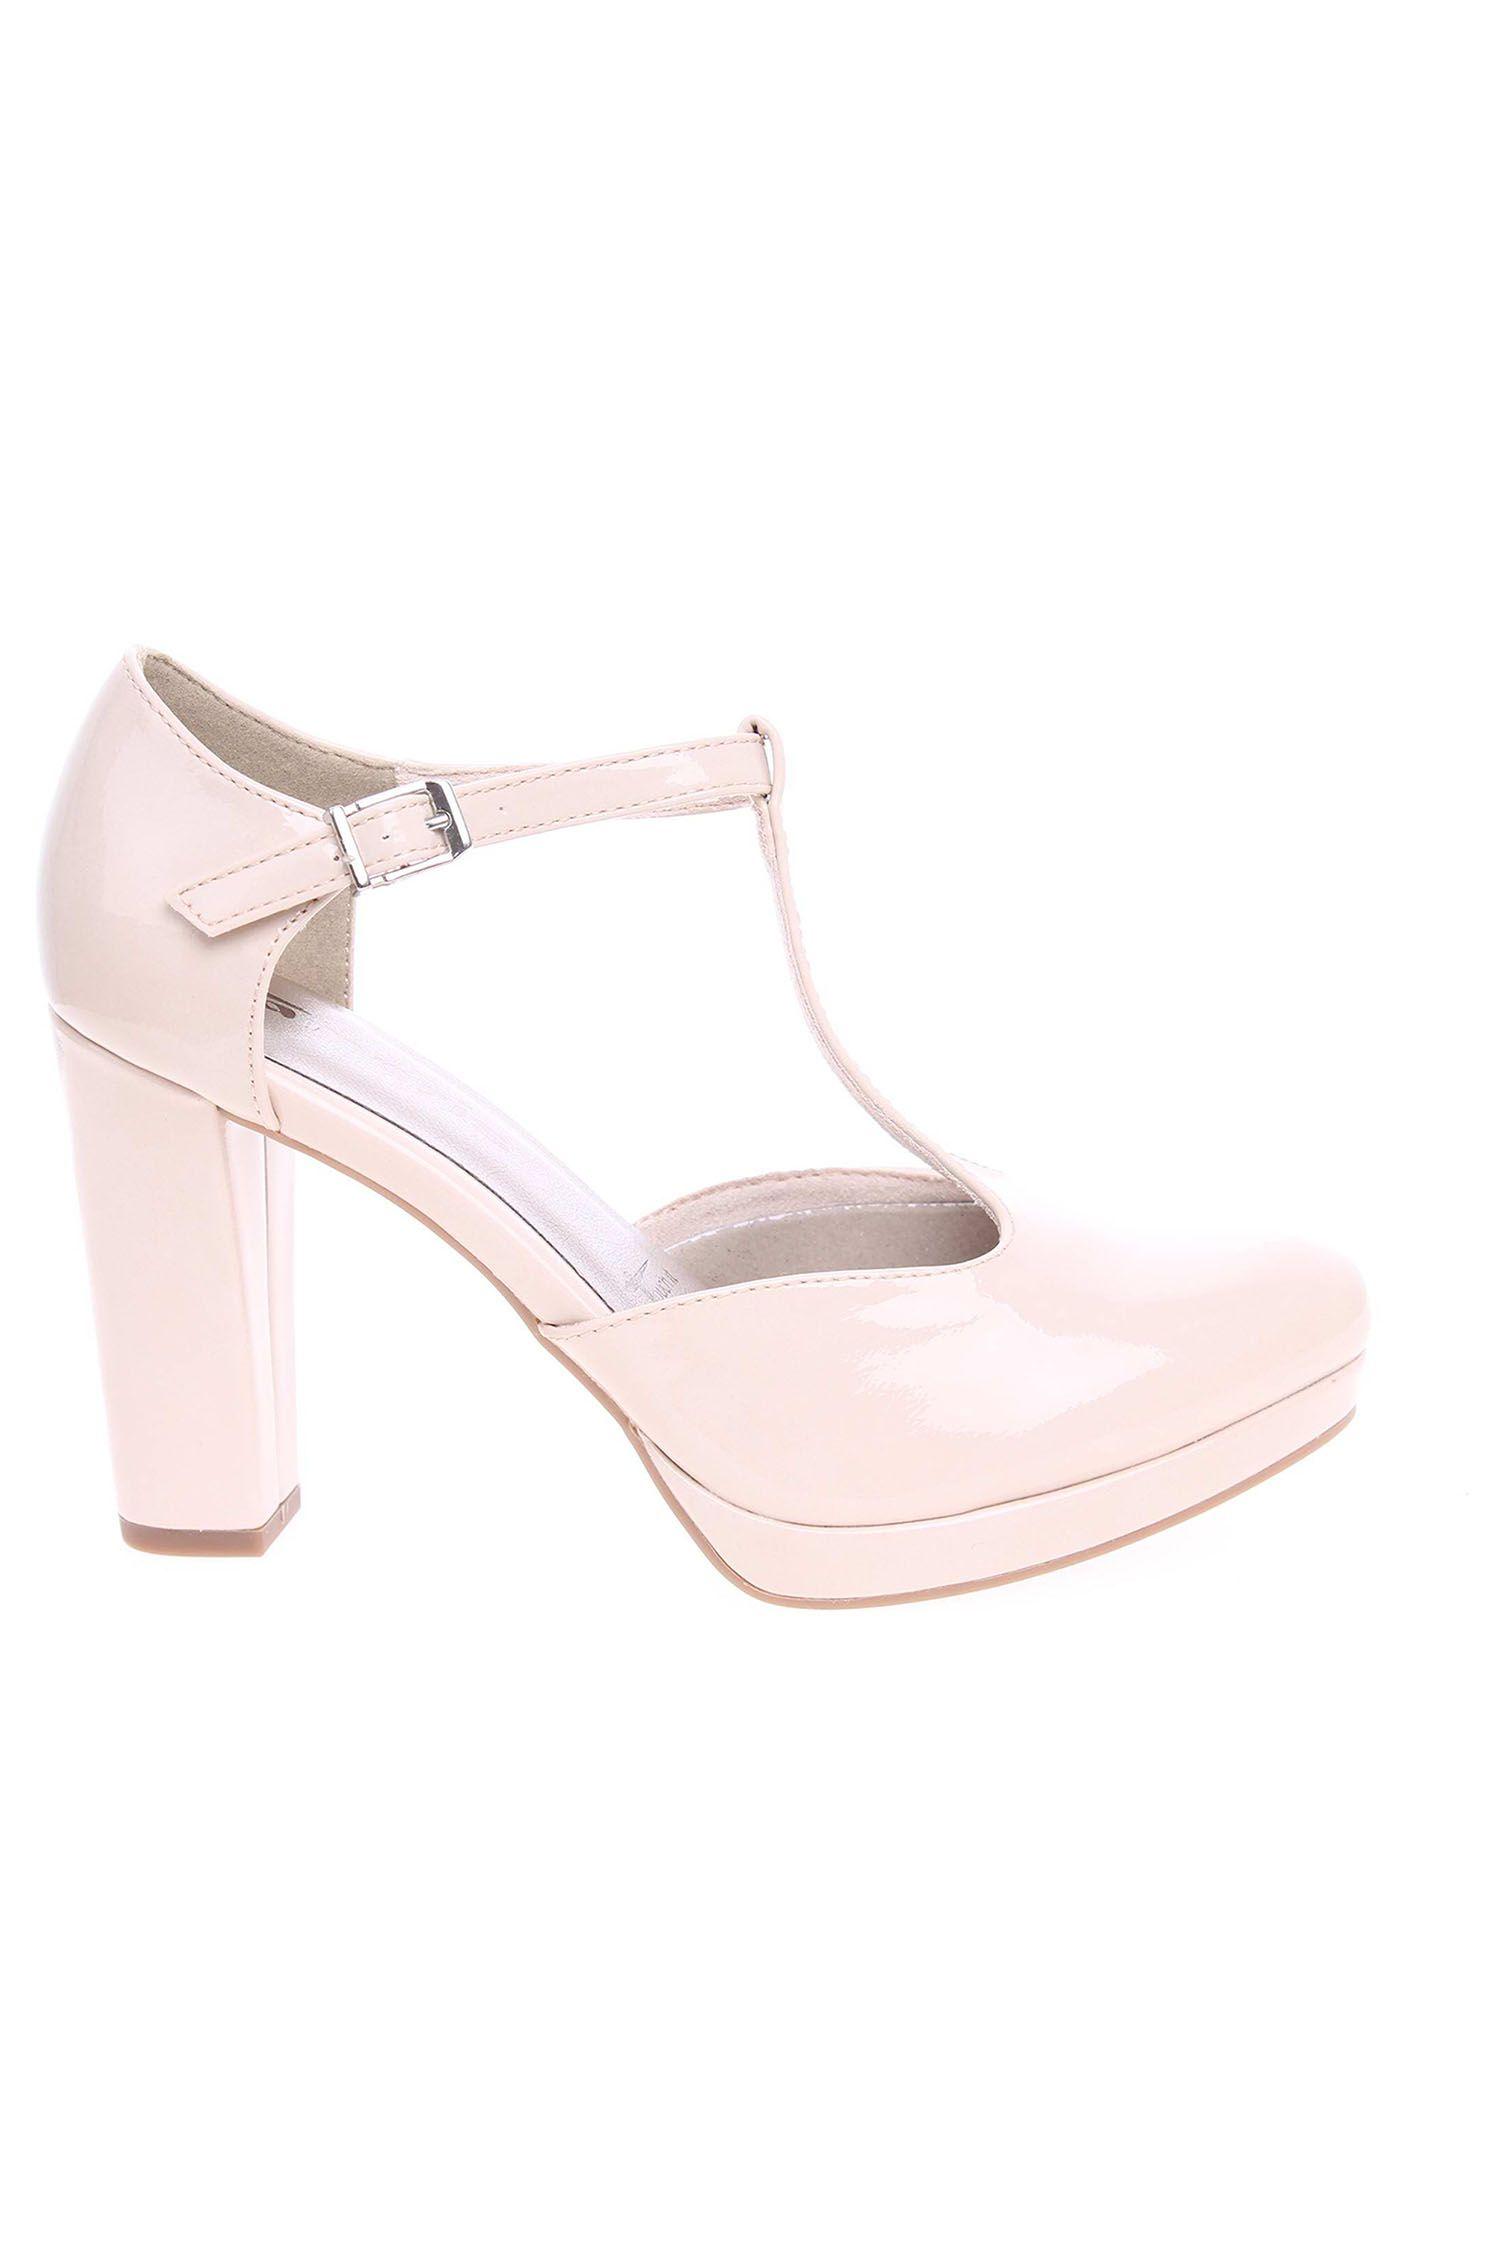 fe31d8981 Tamaris dámské lodičky 1-24409-28 béžové | REJNOK obuv | Boty ...